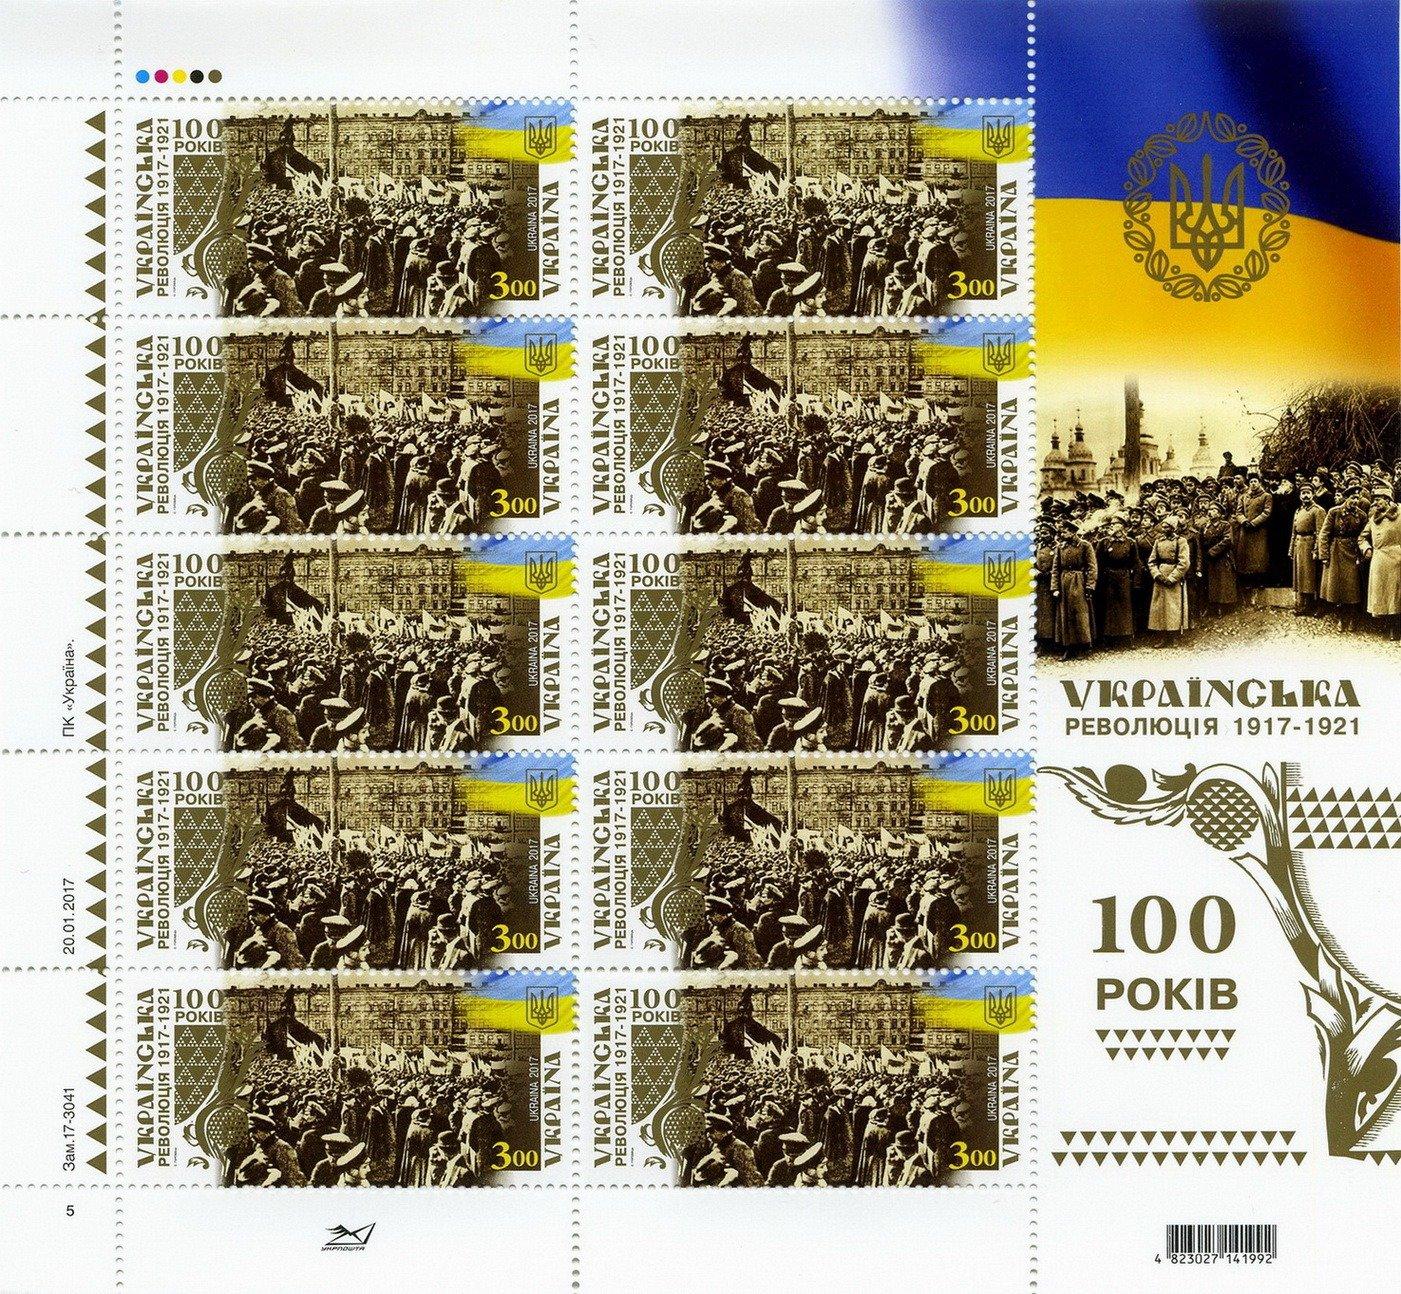 В Раде открылось торжественное заседание по случаю 100-летия Украинской революции - Цензор.НЕТ 9778